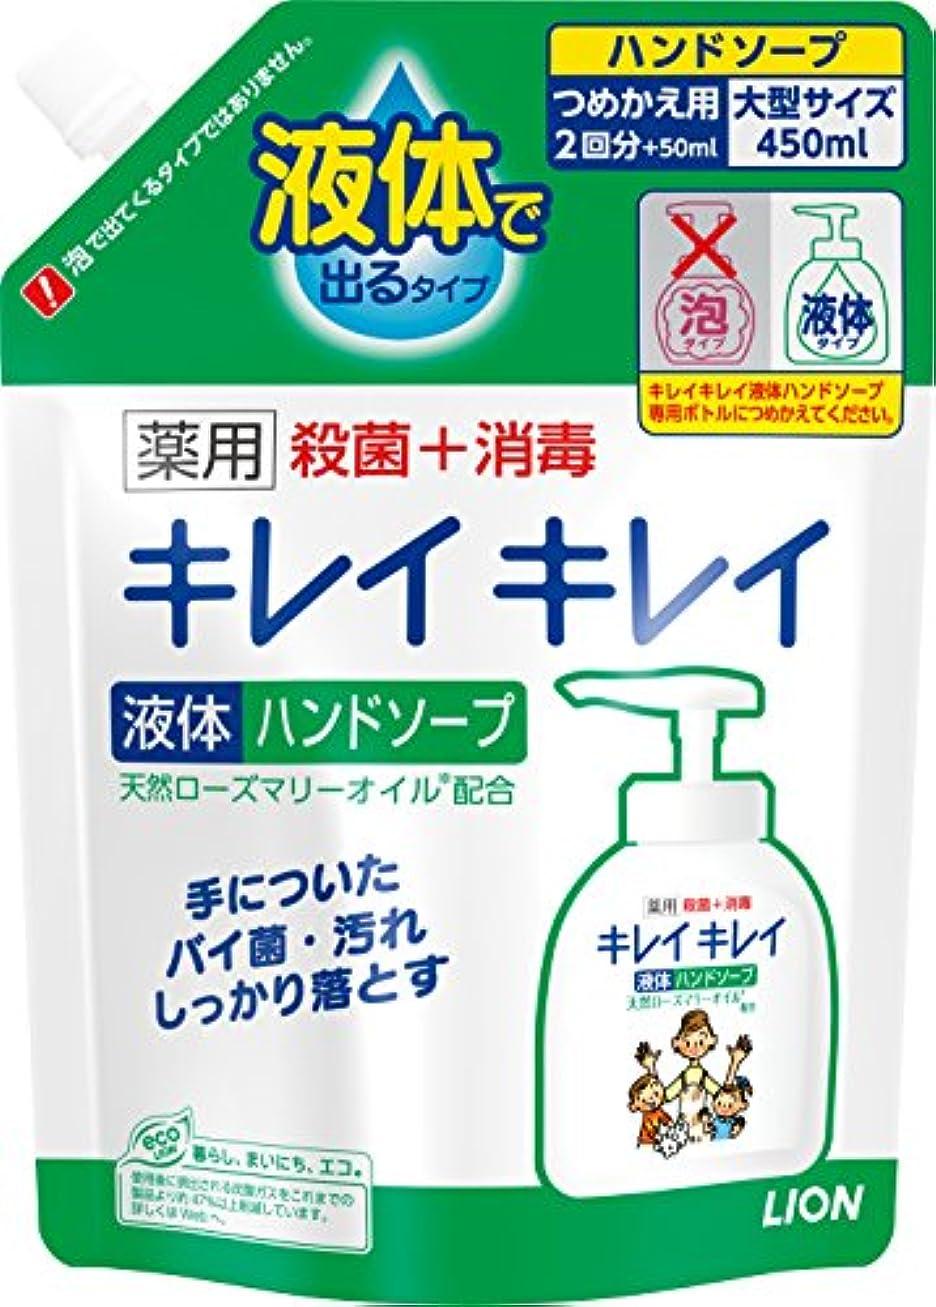 無条件手綱目的キレイキレイ 薬用 液体ハンドソープ 詰め替え 450ml(医薬部外品)